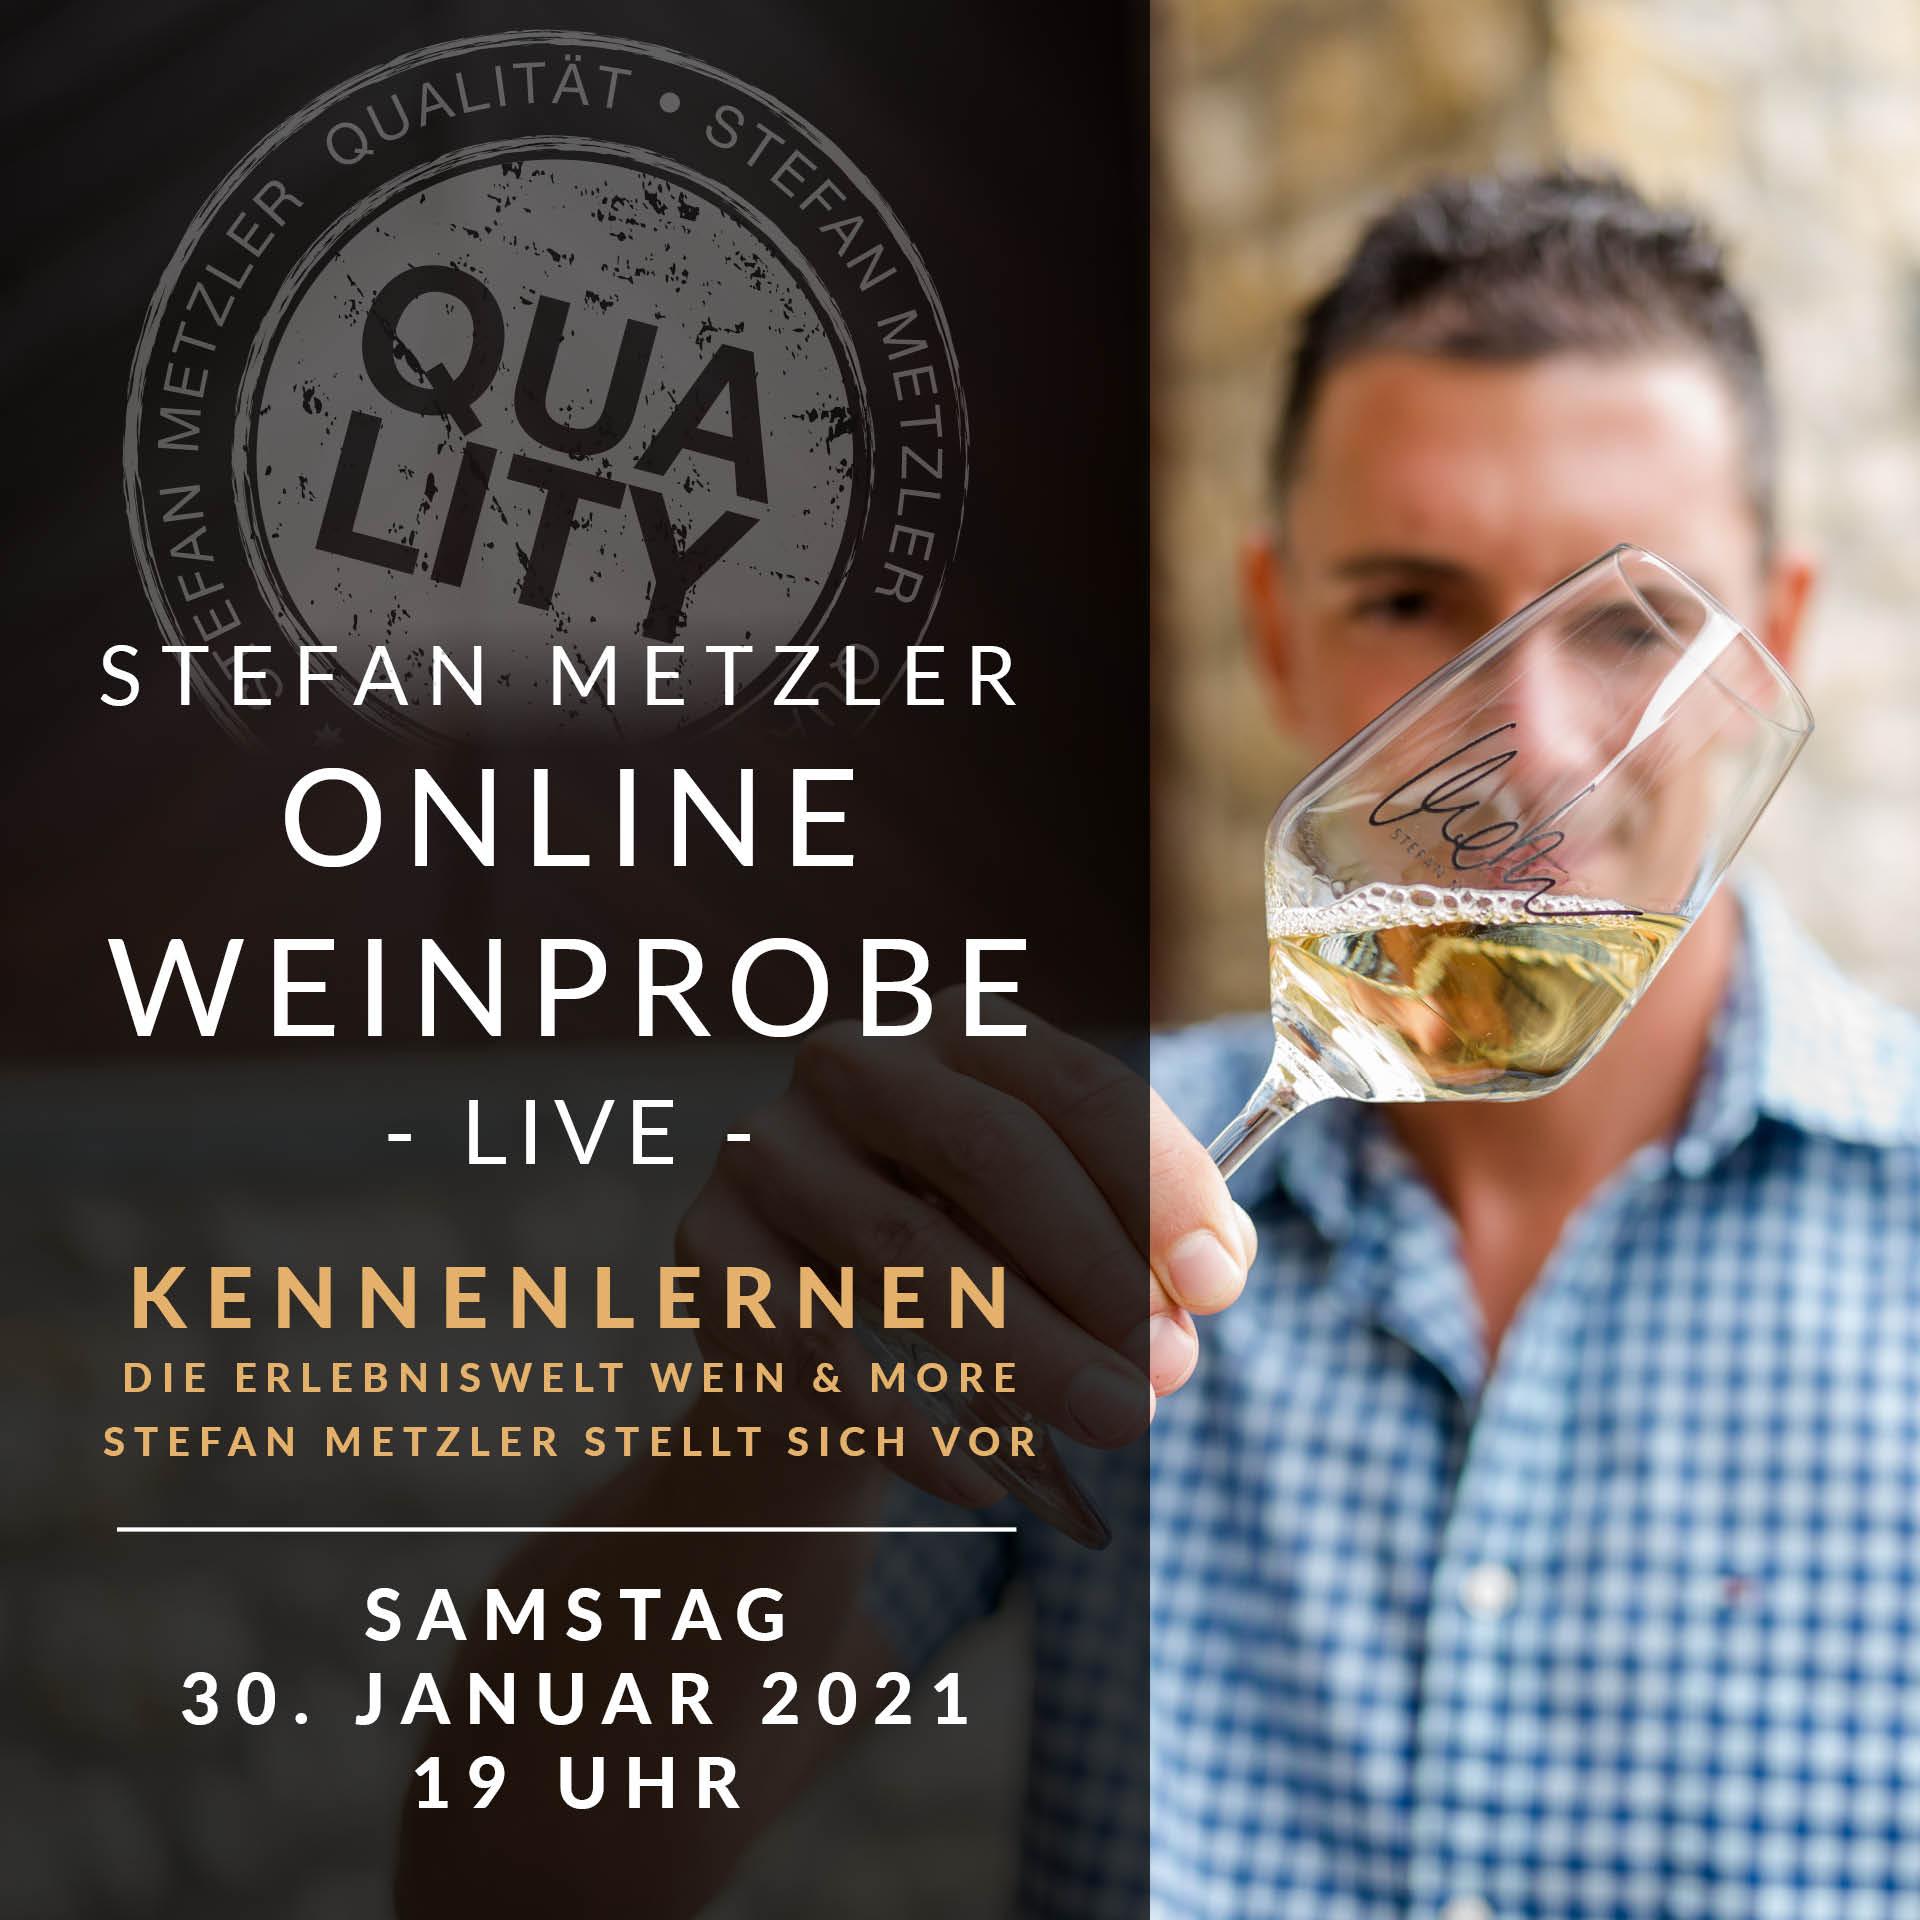 Onlineprobe 30.01.2021: Kennenlernen - Stefan Metzler stellt sich vor!